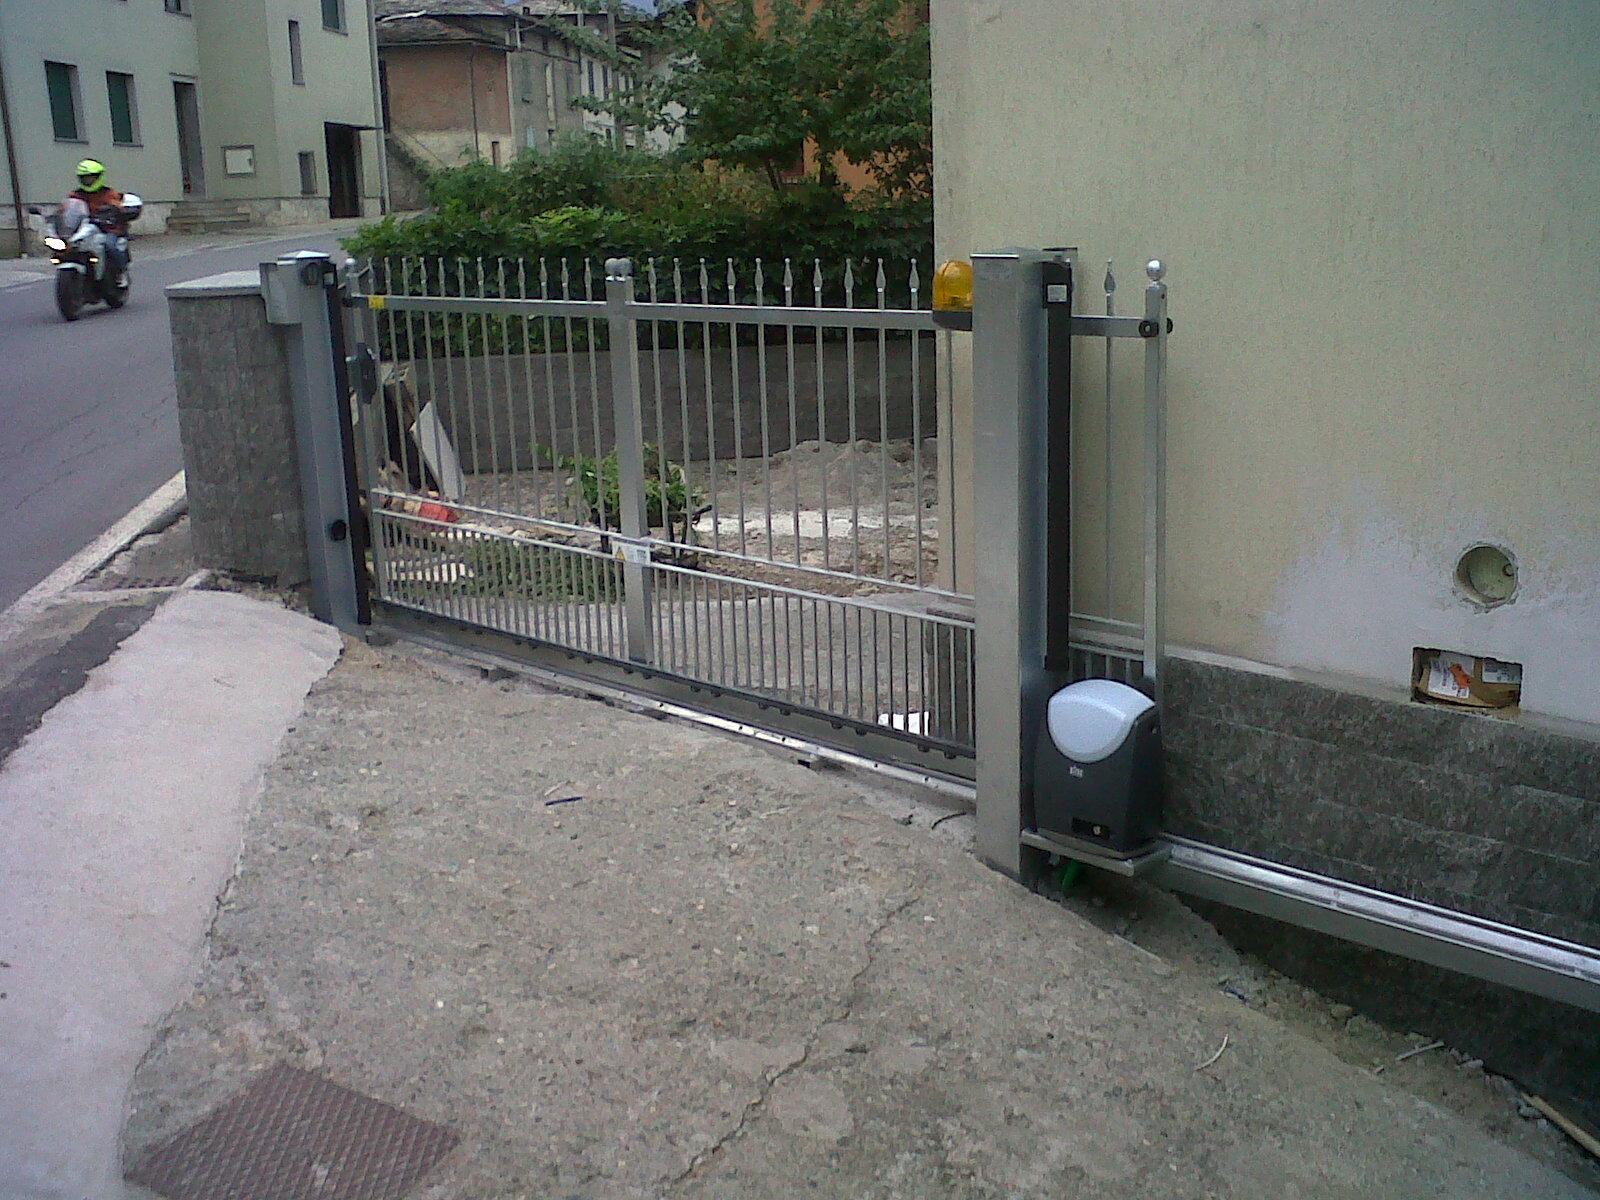 Schema Elettrico Per Automazione Cancello : Automazione cancelli di gema system partner con ditec